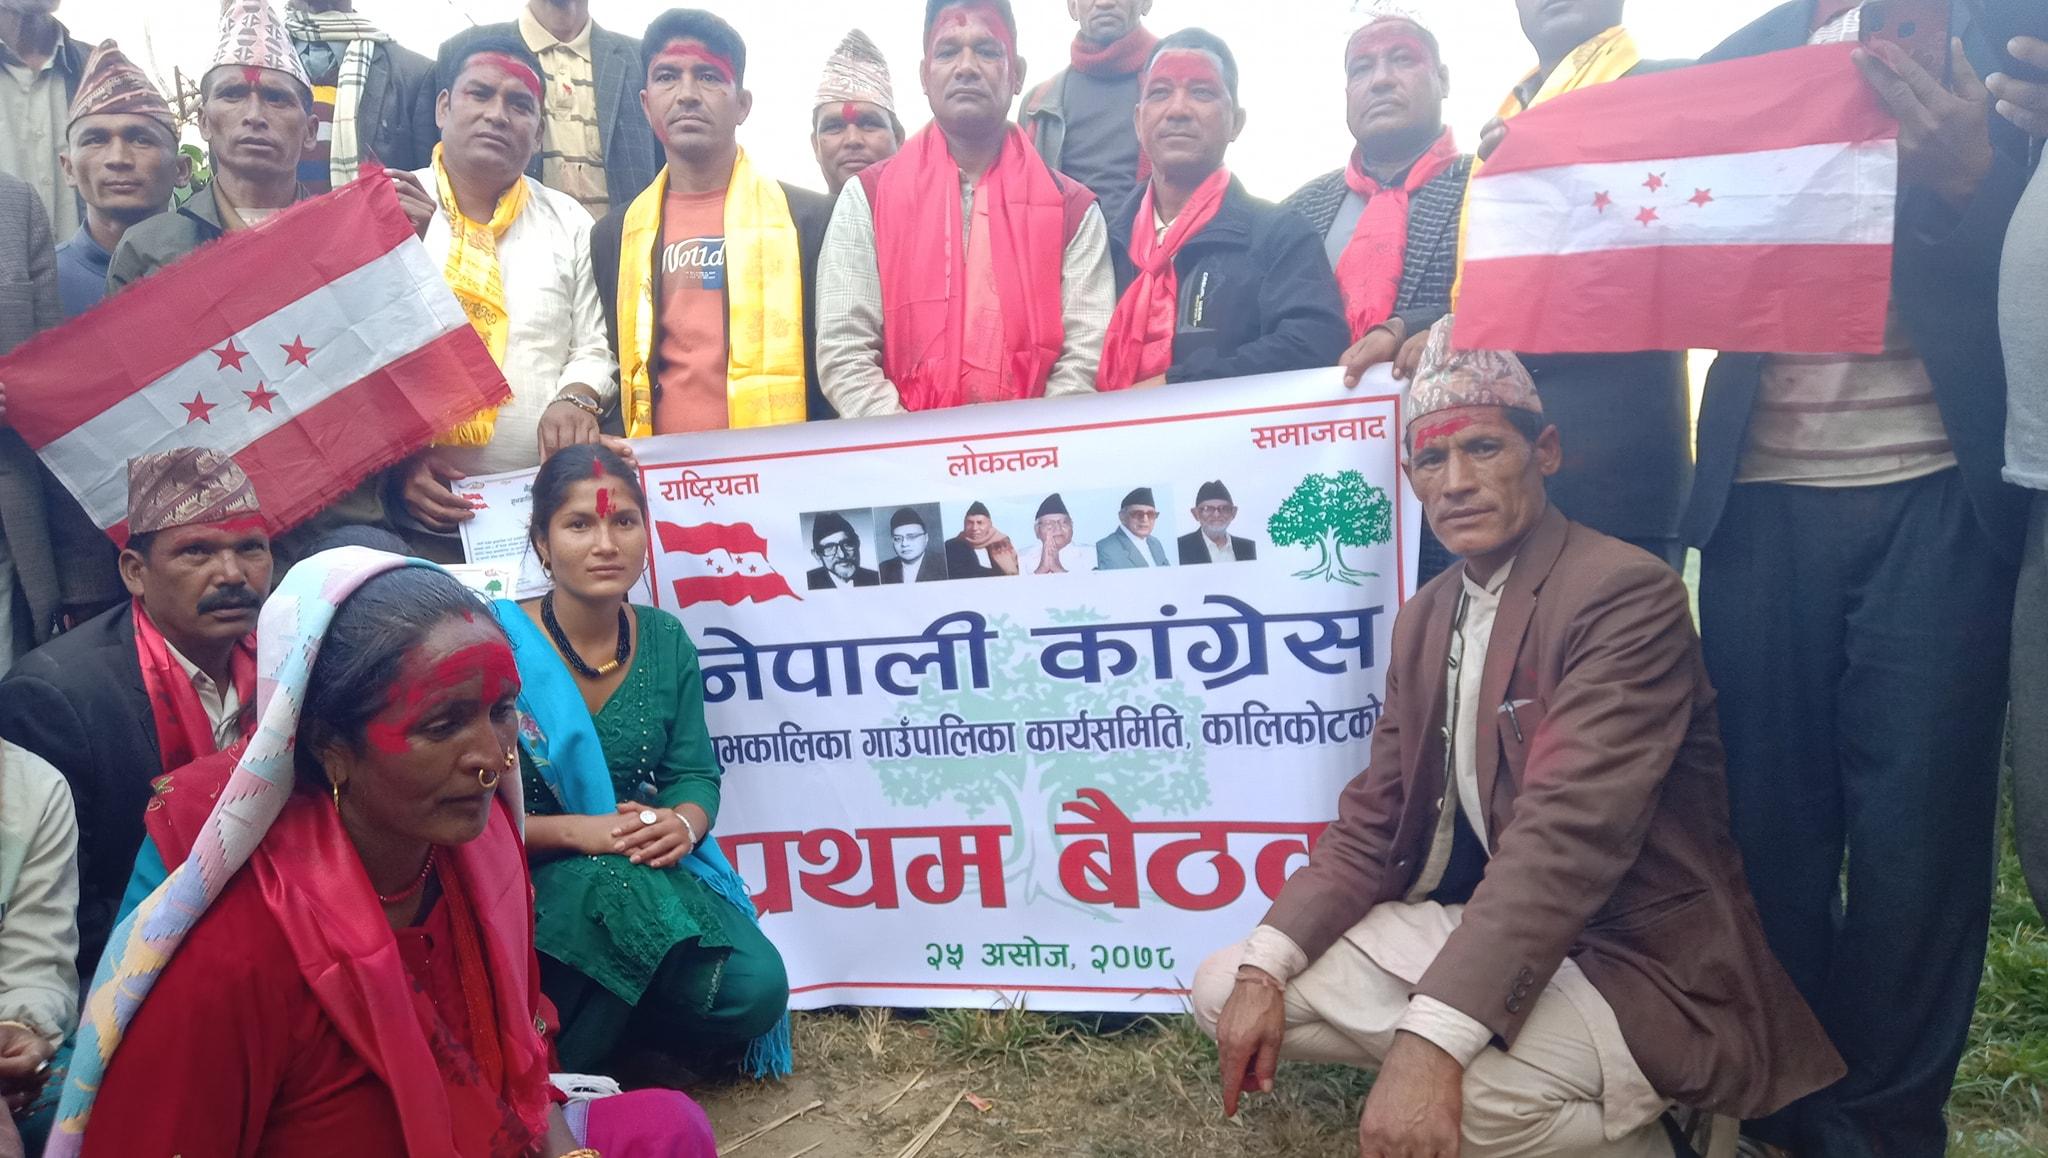 नेपाली कांग्रेस नवनिर्वाचित उपसभापति नन्द ब. शाहीलाई गृहजिल्लामा भव्य स्वागत